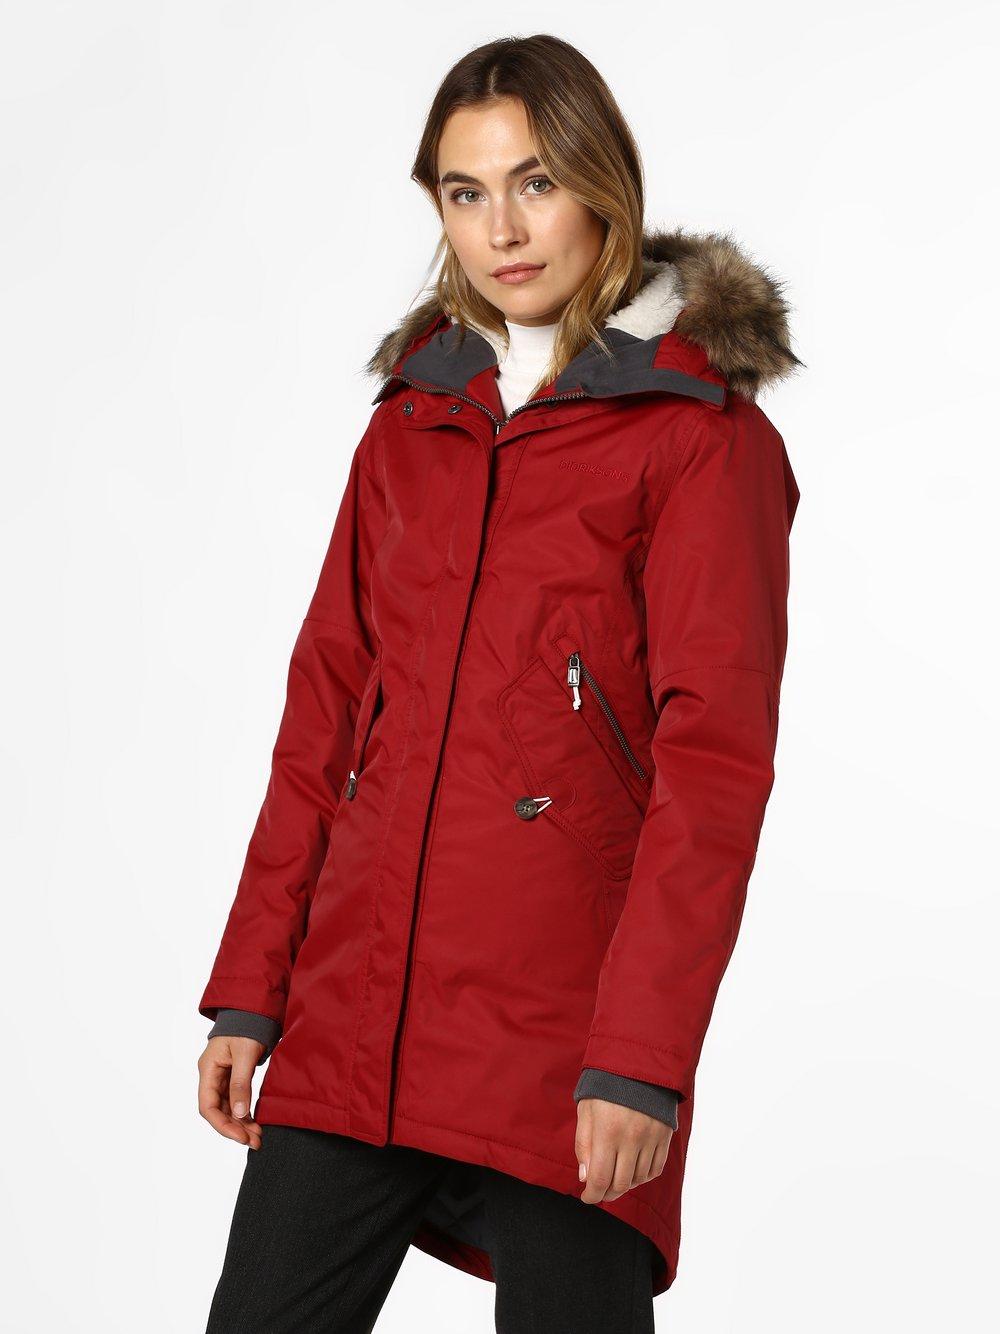 Didriksons – Damski płaszcz funkcyjny – Lindsey, czerwony Van Graaf 411949-0003-00340